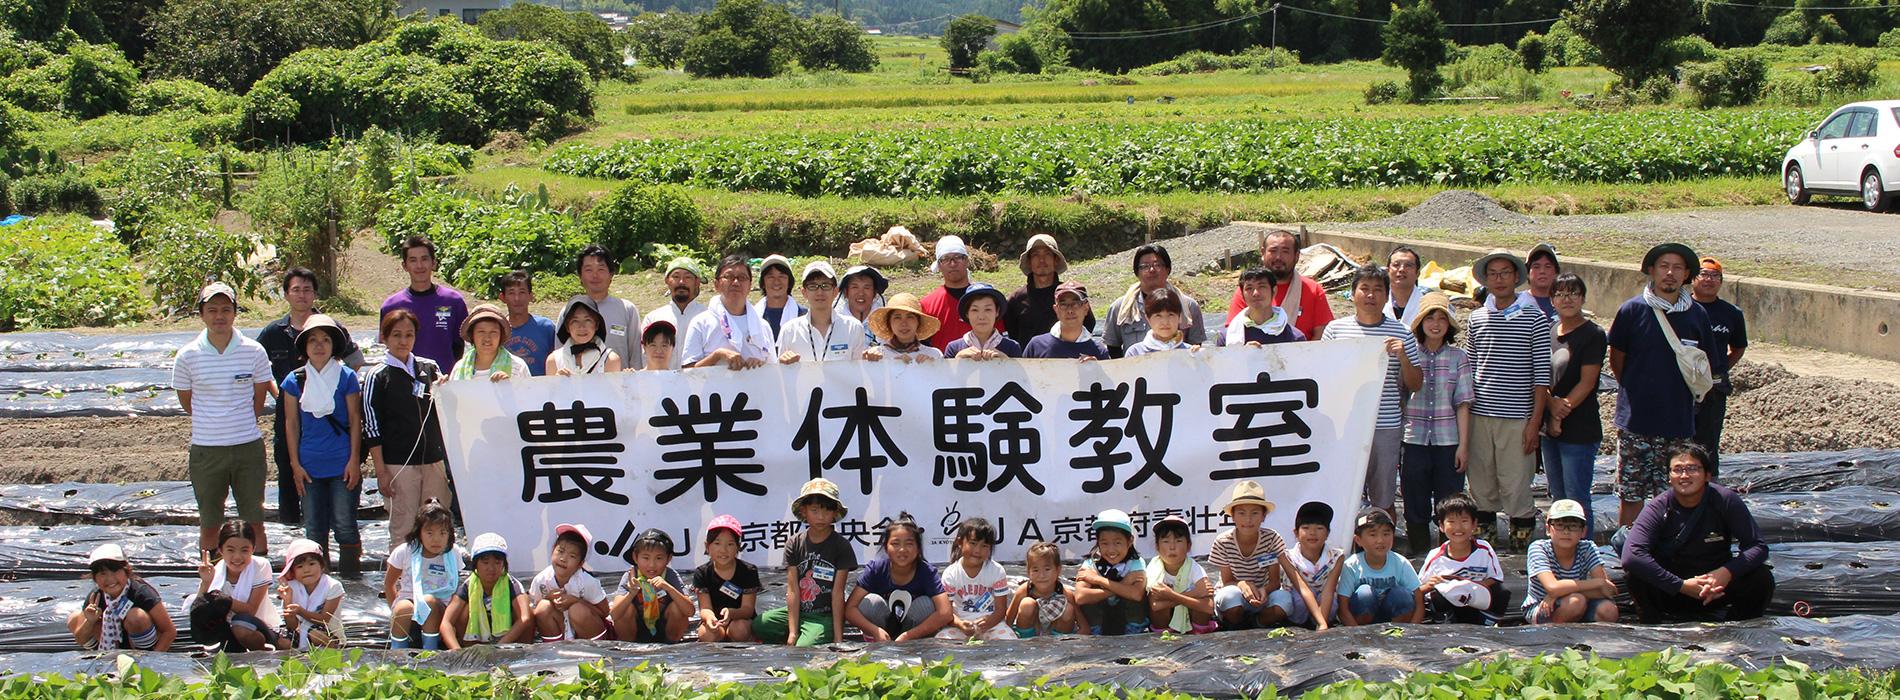 農業体験教室